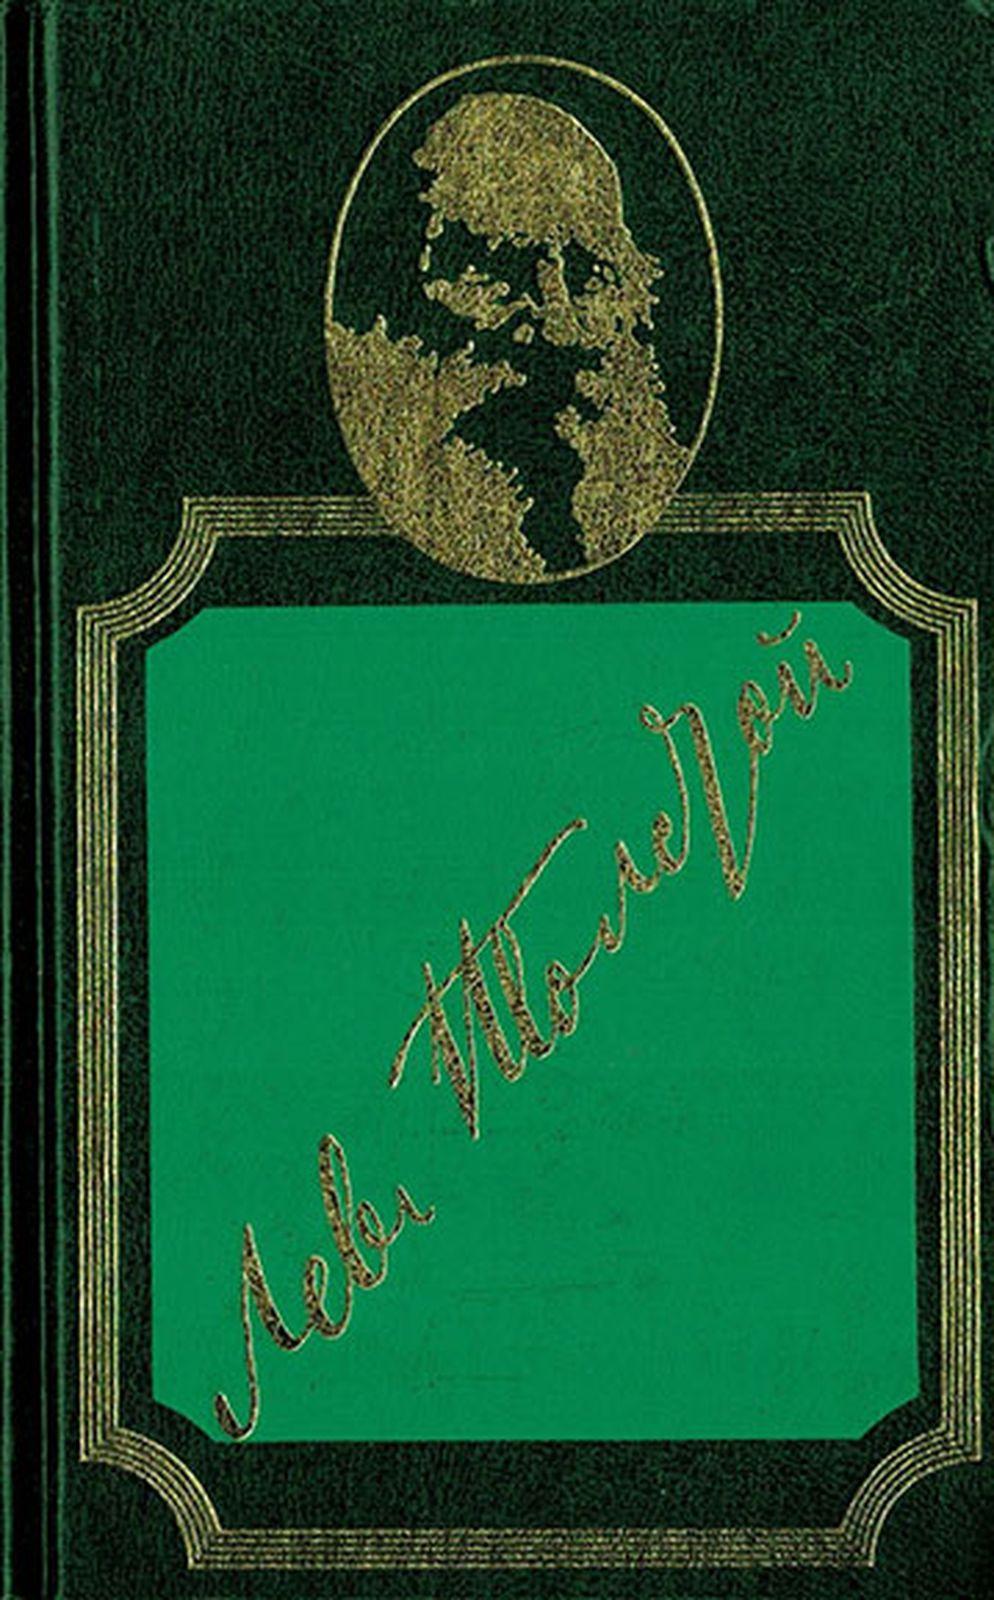 Л.Н. Толстой. Собрание сочинений в 20 томах. Том 1. Детство. Отрочество. Юность. Главной темой произведений великого...